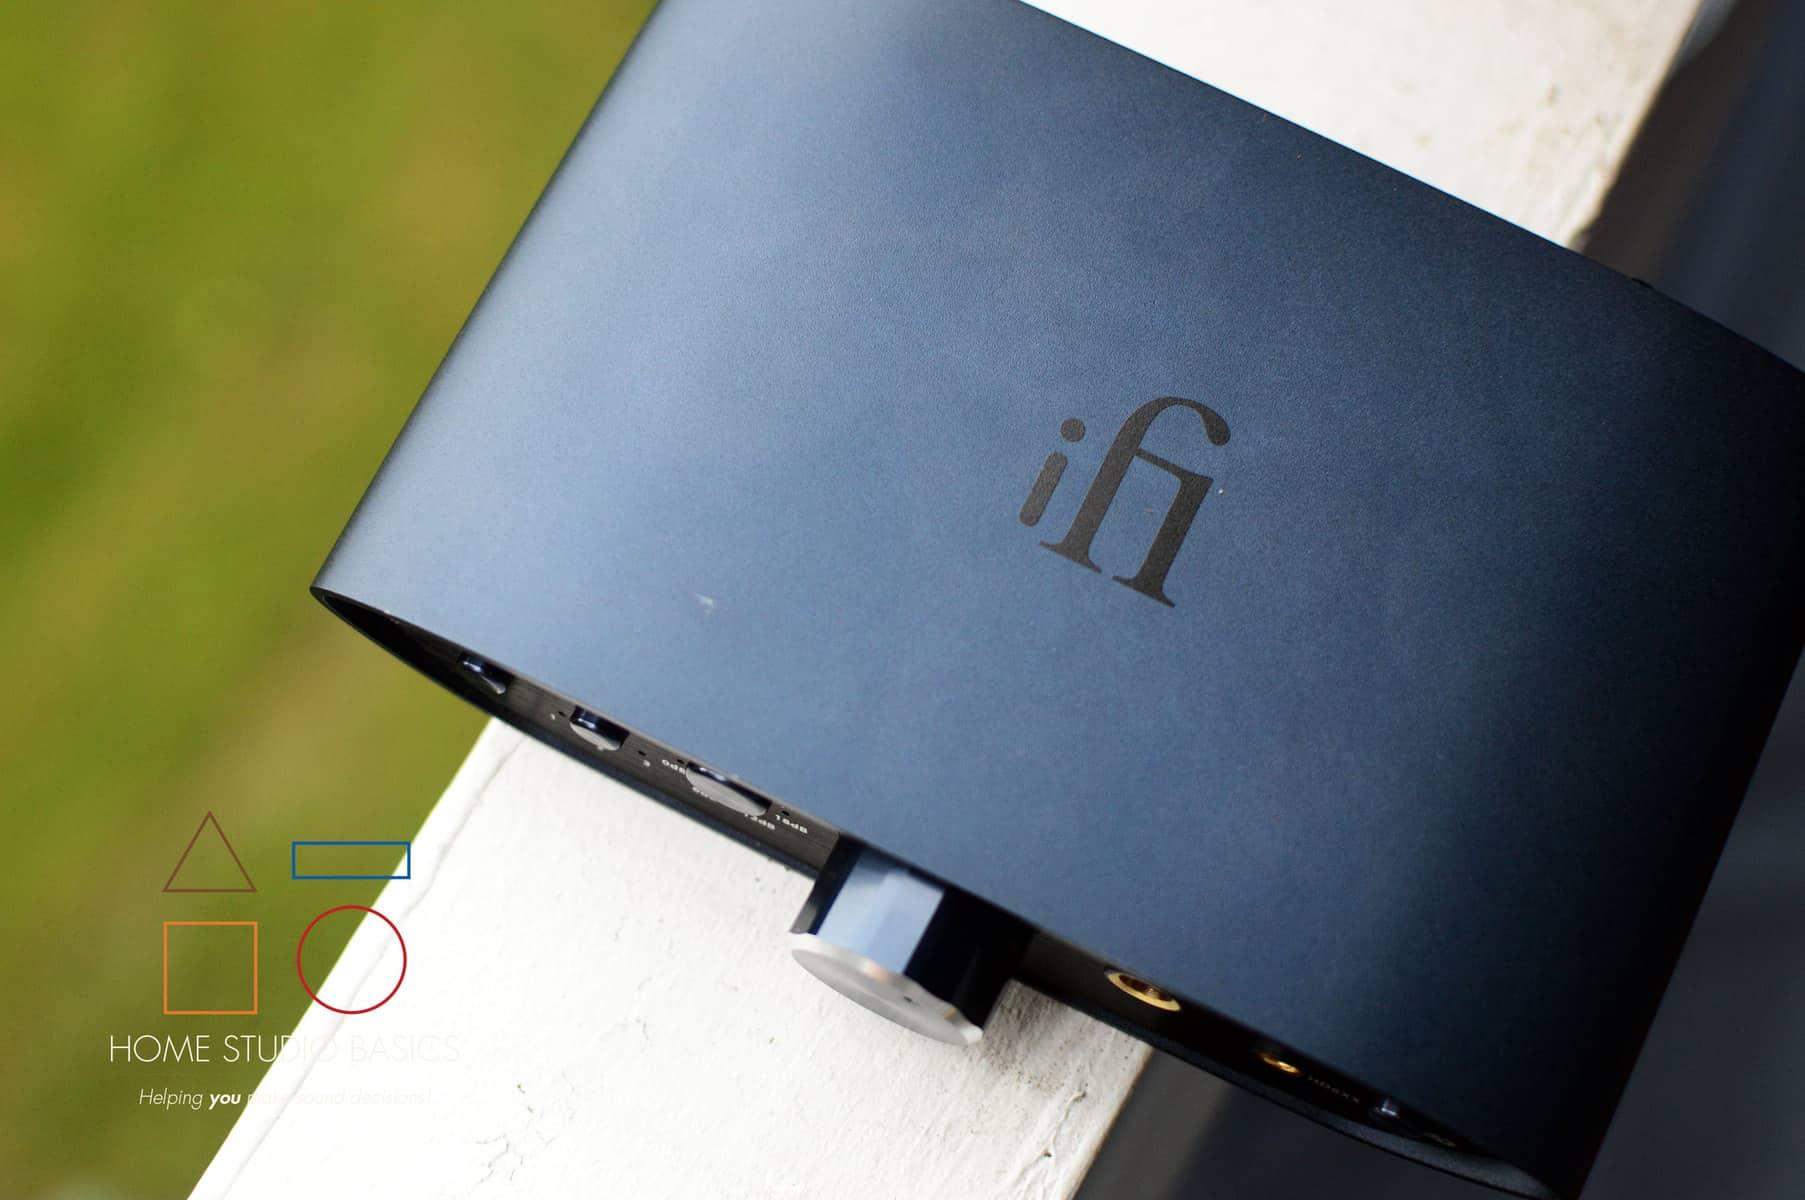 iFi Zen Amp/DAC vs. Zen CAN Signature